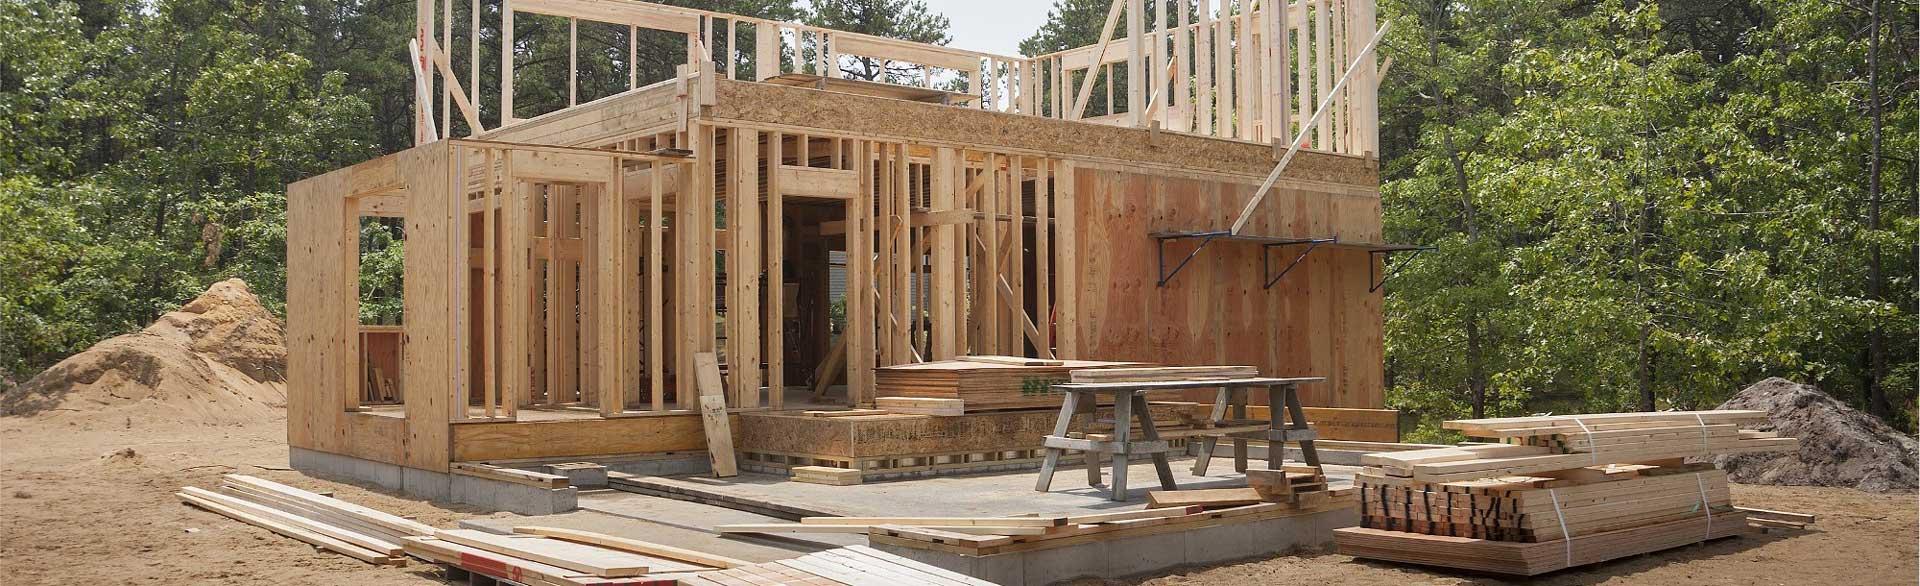 memphis construction